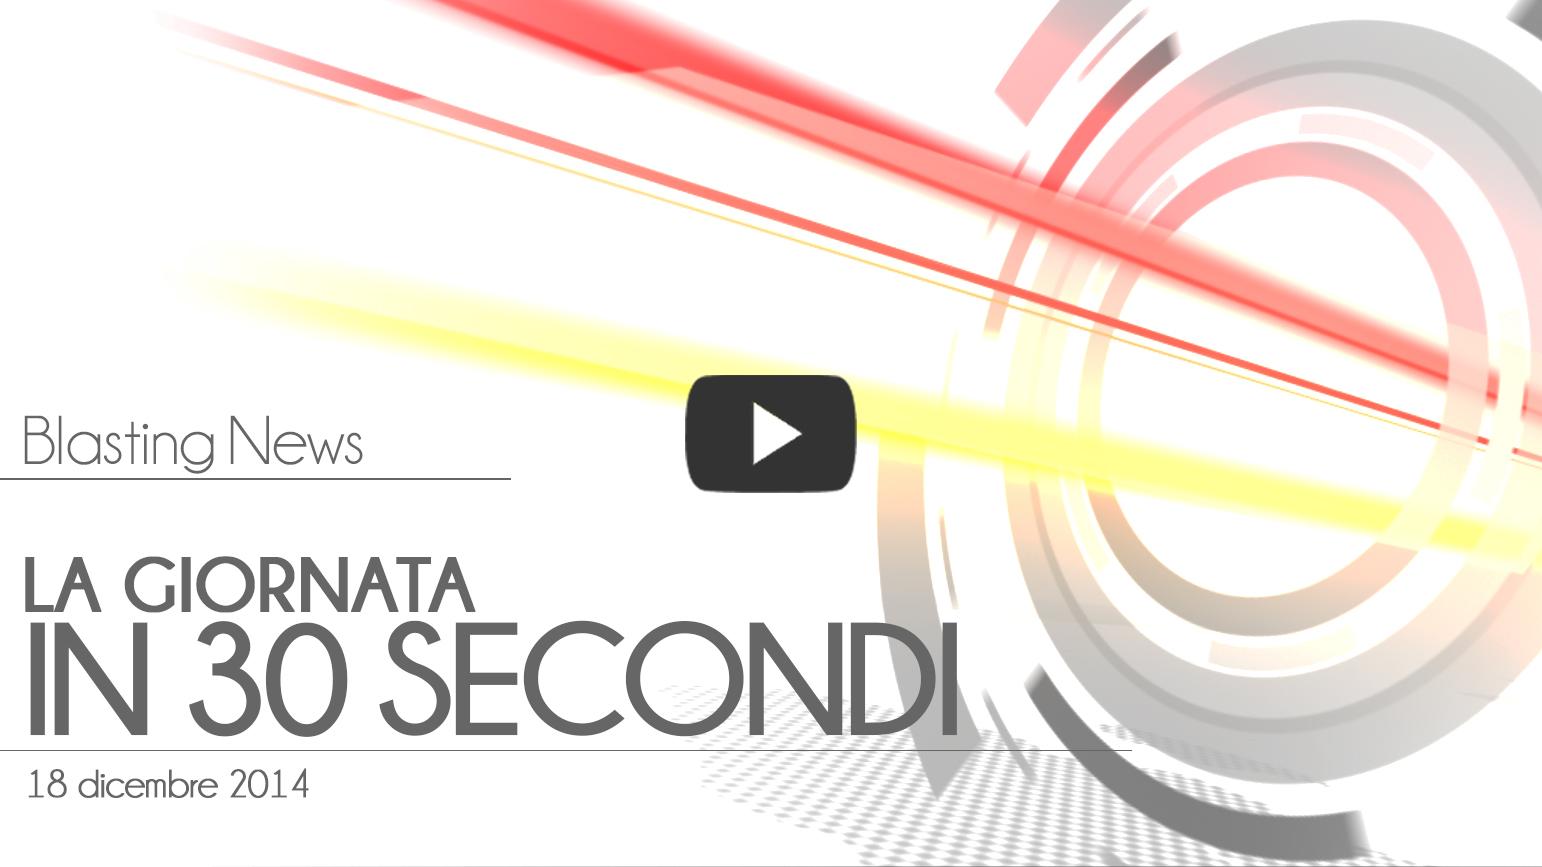 La giornata in 30 secondi - 18 dicembre 2014